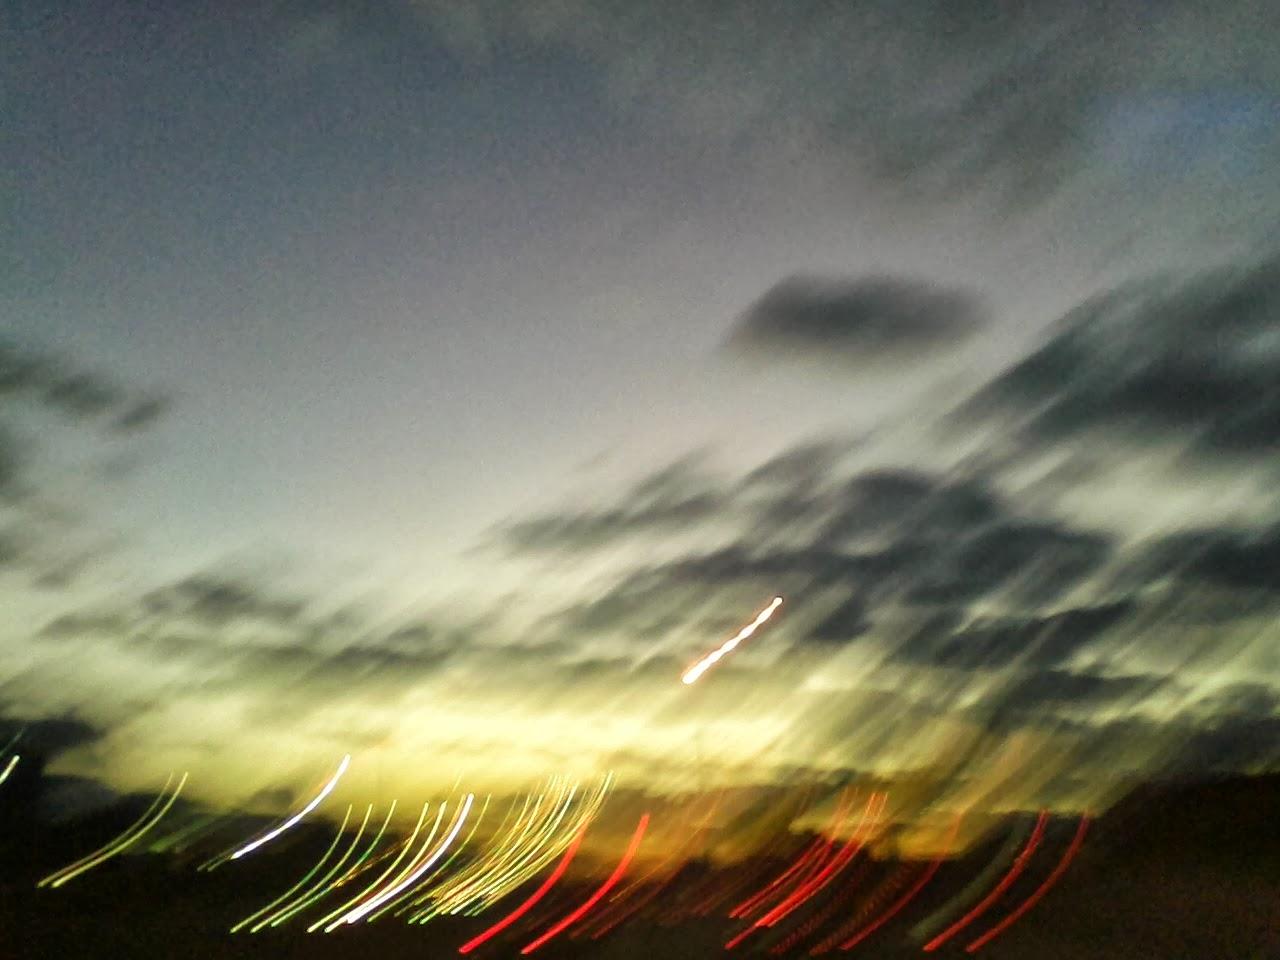 Sky - 1010070334.jpg